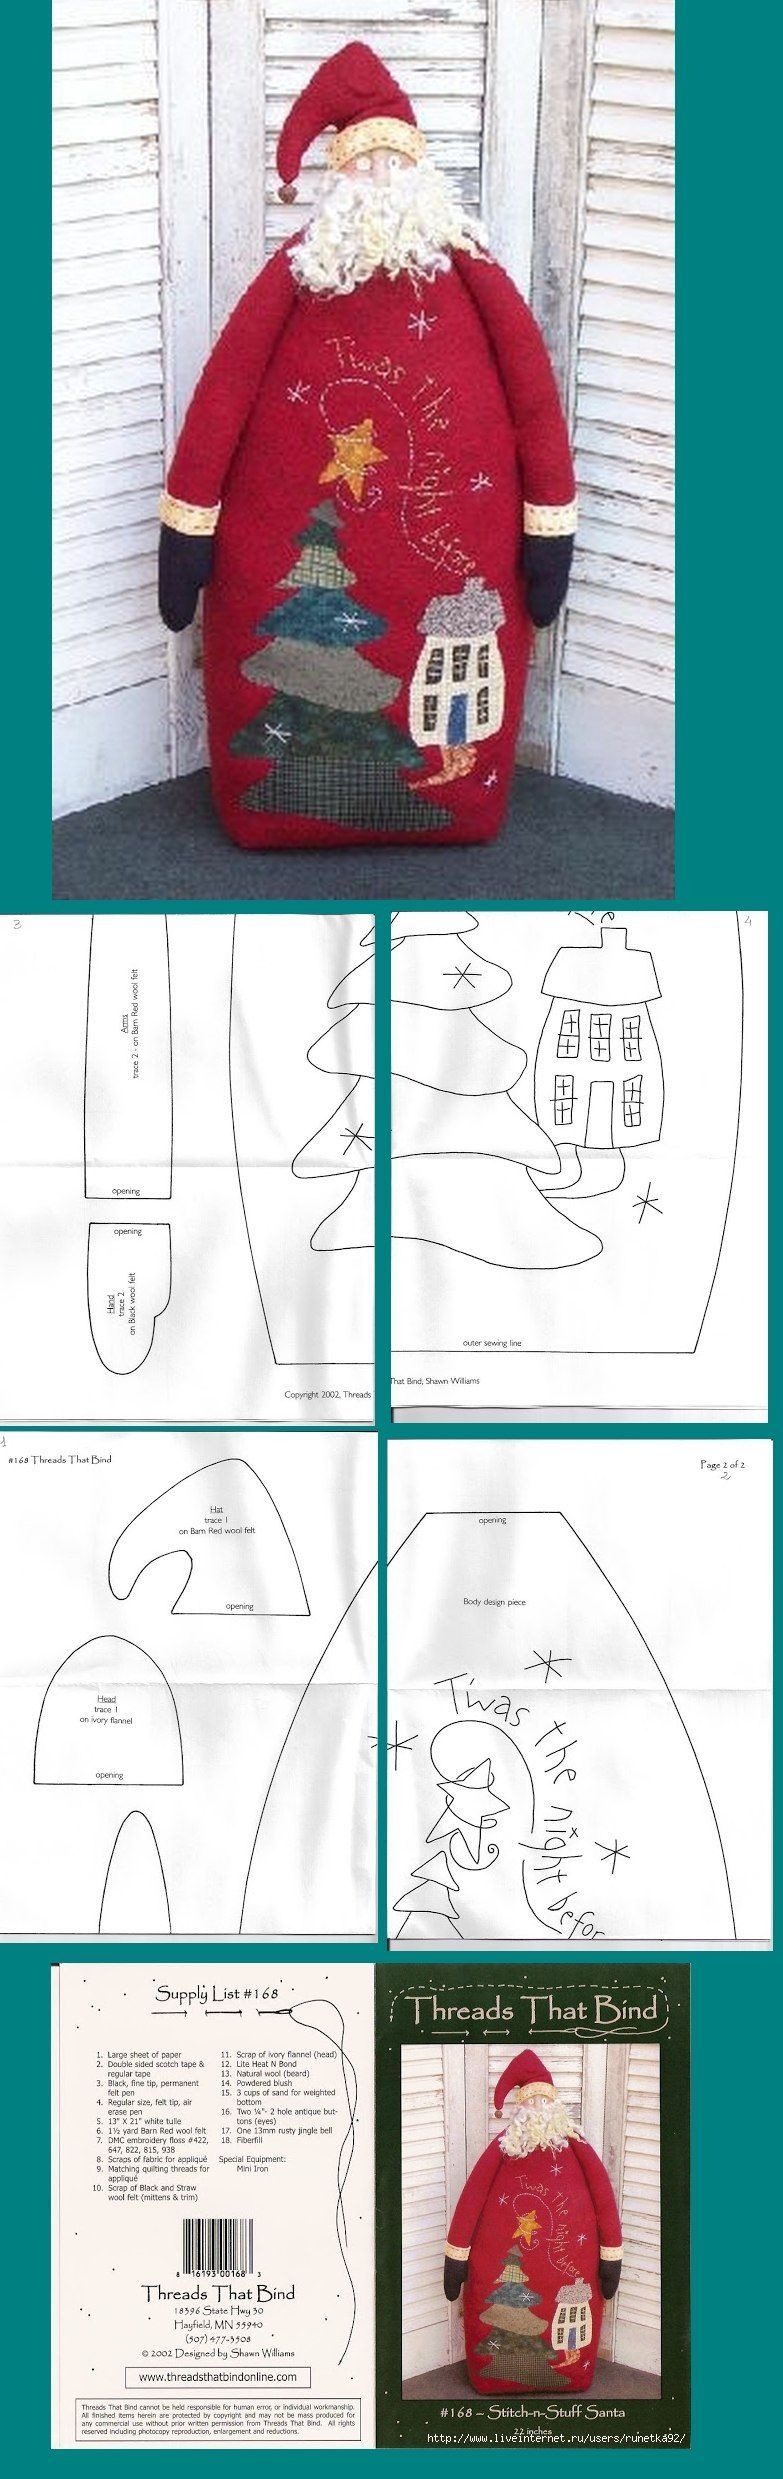 Pin di filomena lubrano su idee per la casa pinterest - Babbo natale modello artigianale ...